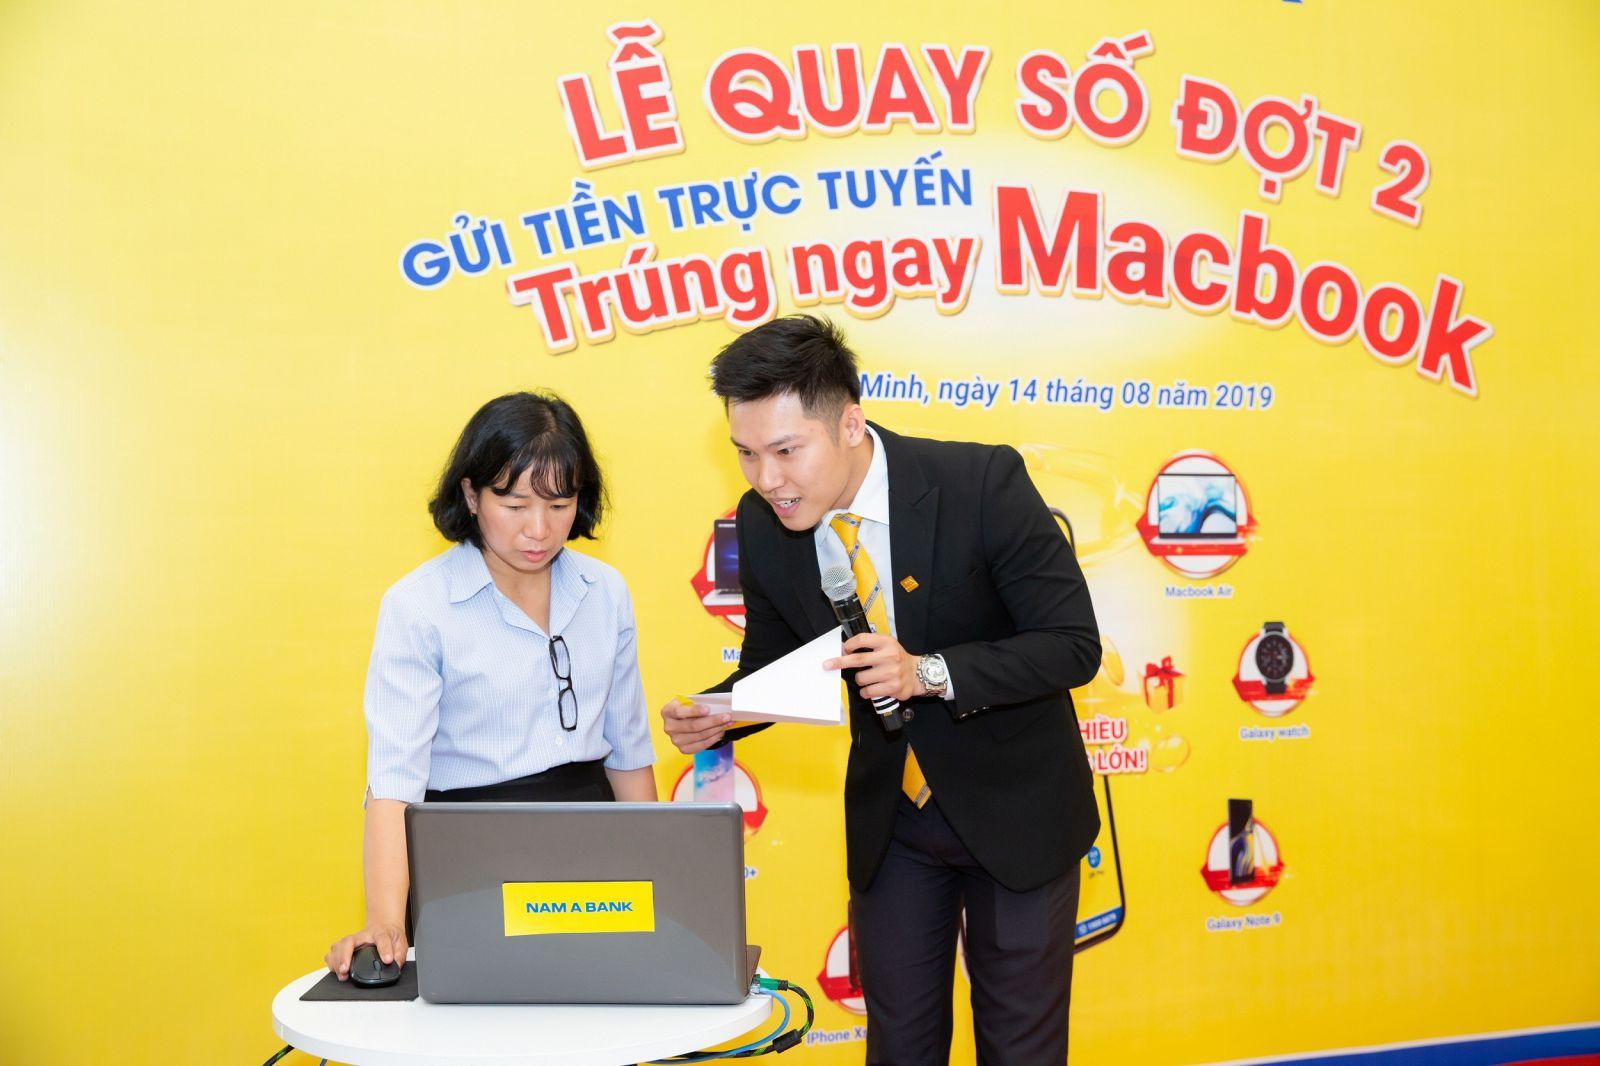 Lễ quay số Đợt 2 được tổ chức công khai, minh bạch dưới sự chứng kiến và hỗ trợ từ khách hàng Nam A Bank.